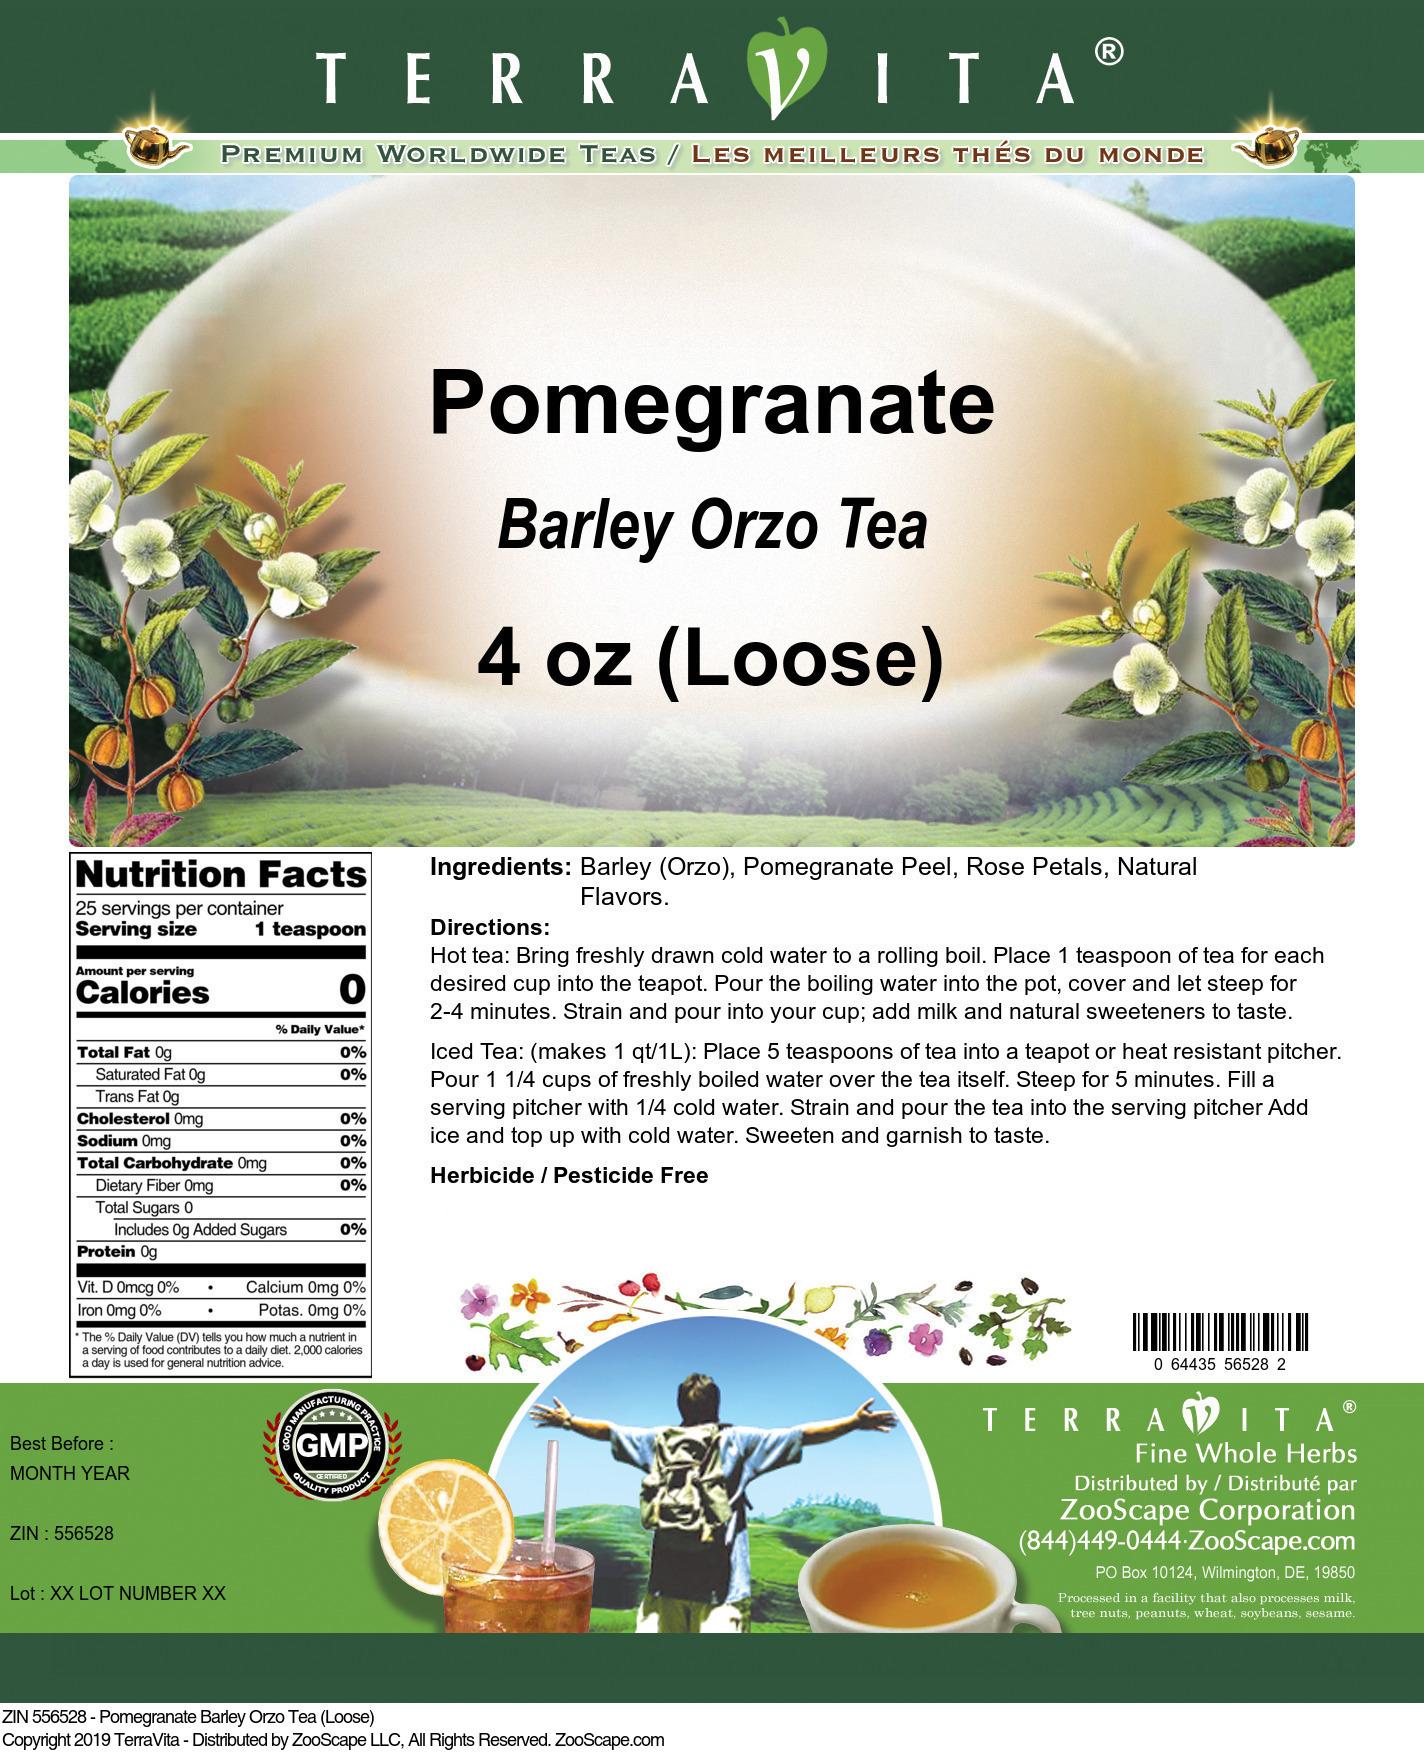 Pomegranate Barley Orzo